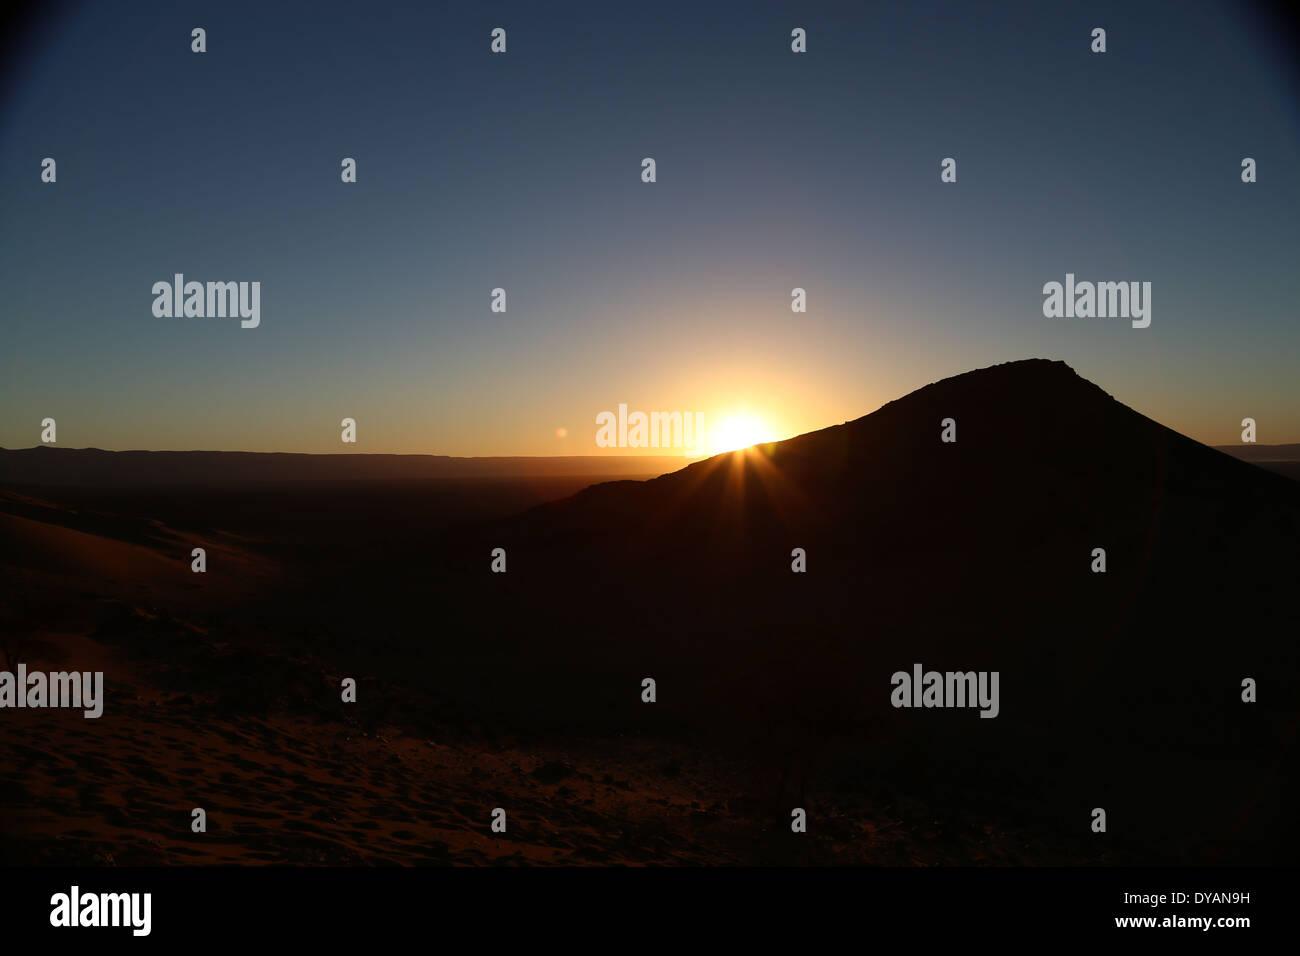 Le lever du soleil sur le baron paysage désertique au Maroc au-delà de l'Atlas des chaînes de montagnes, avec des rayons de soleil une dune de sable qui se chevauchent Photo Stock